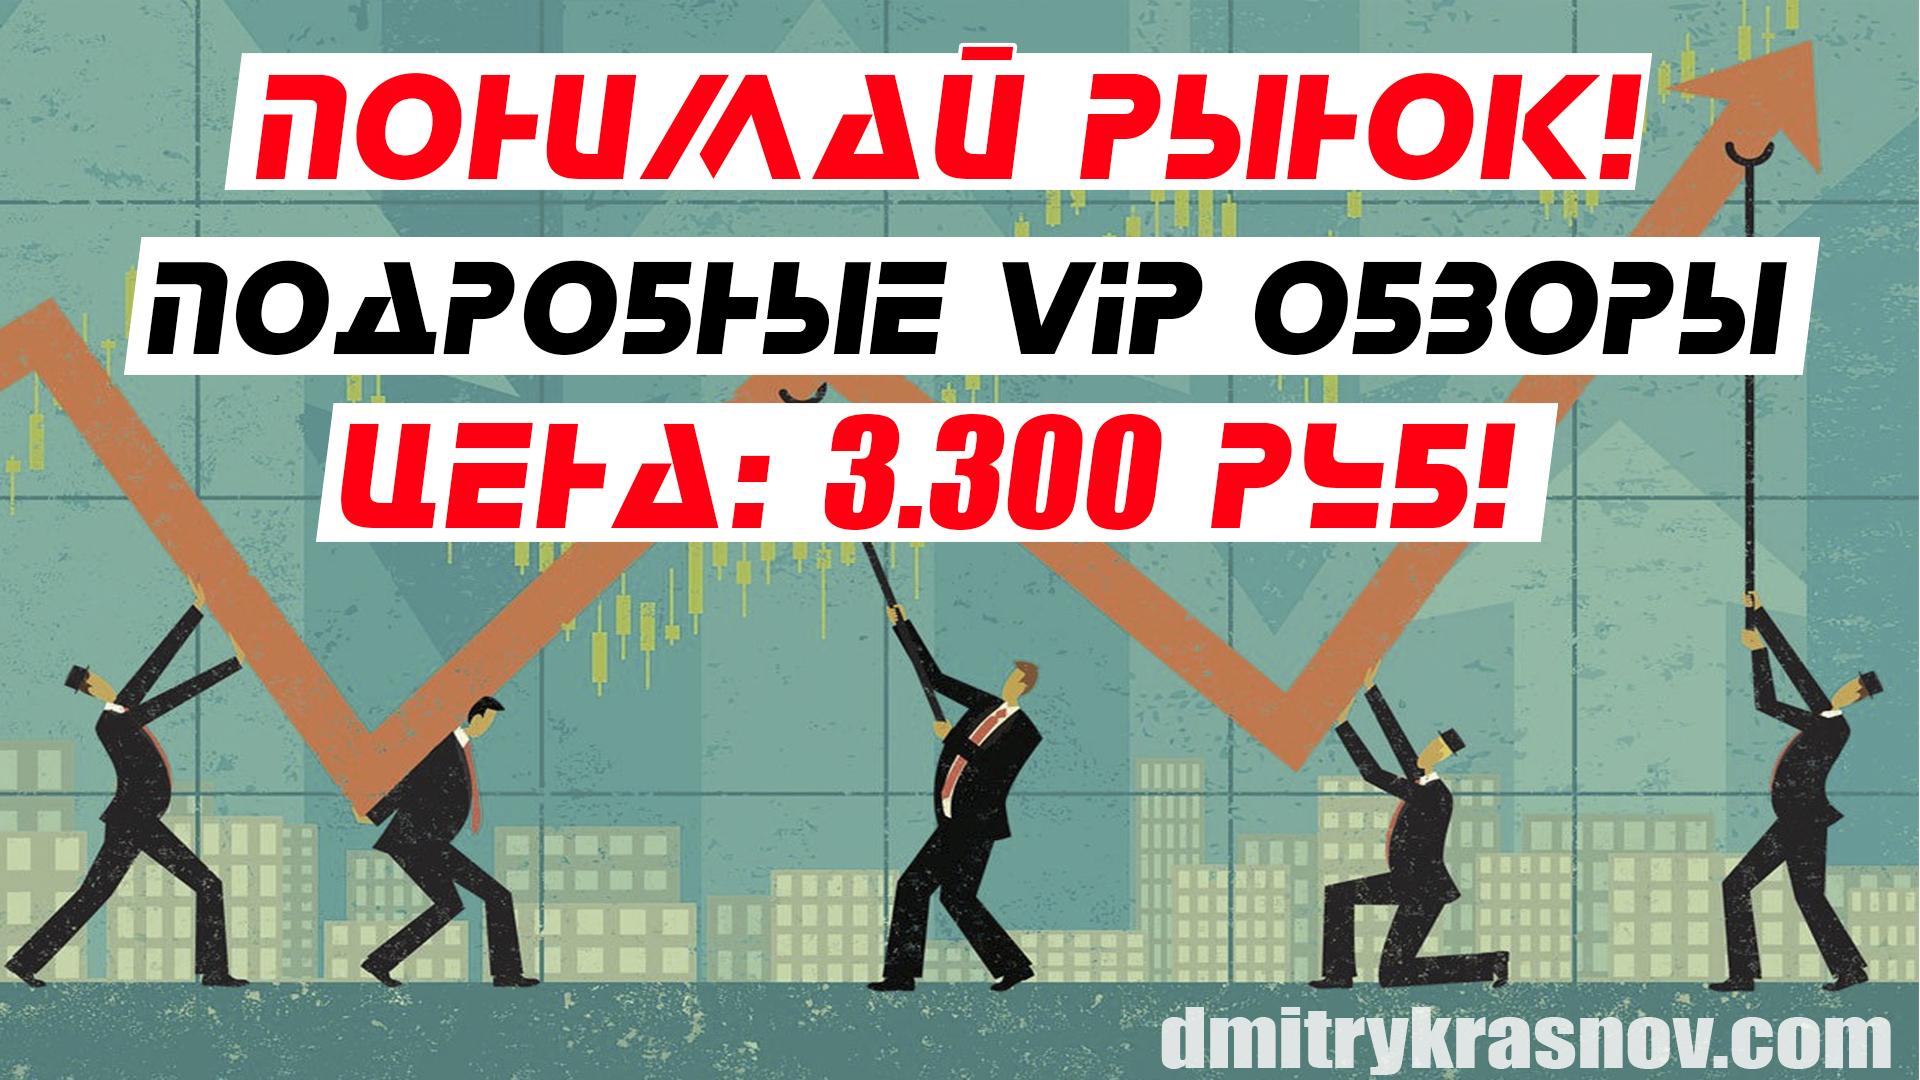 VIP обзоры - Ваш страховочный трос на бирже!